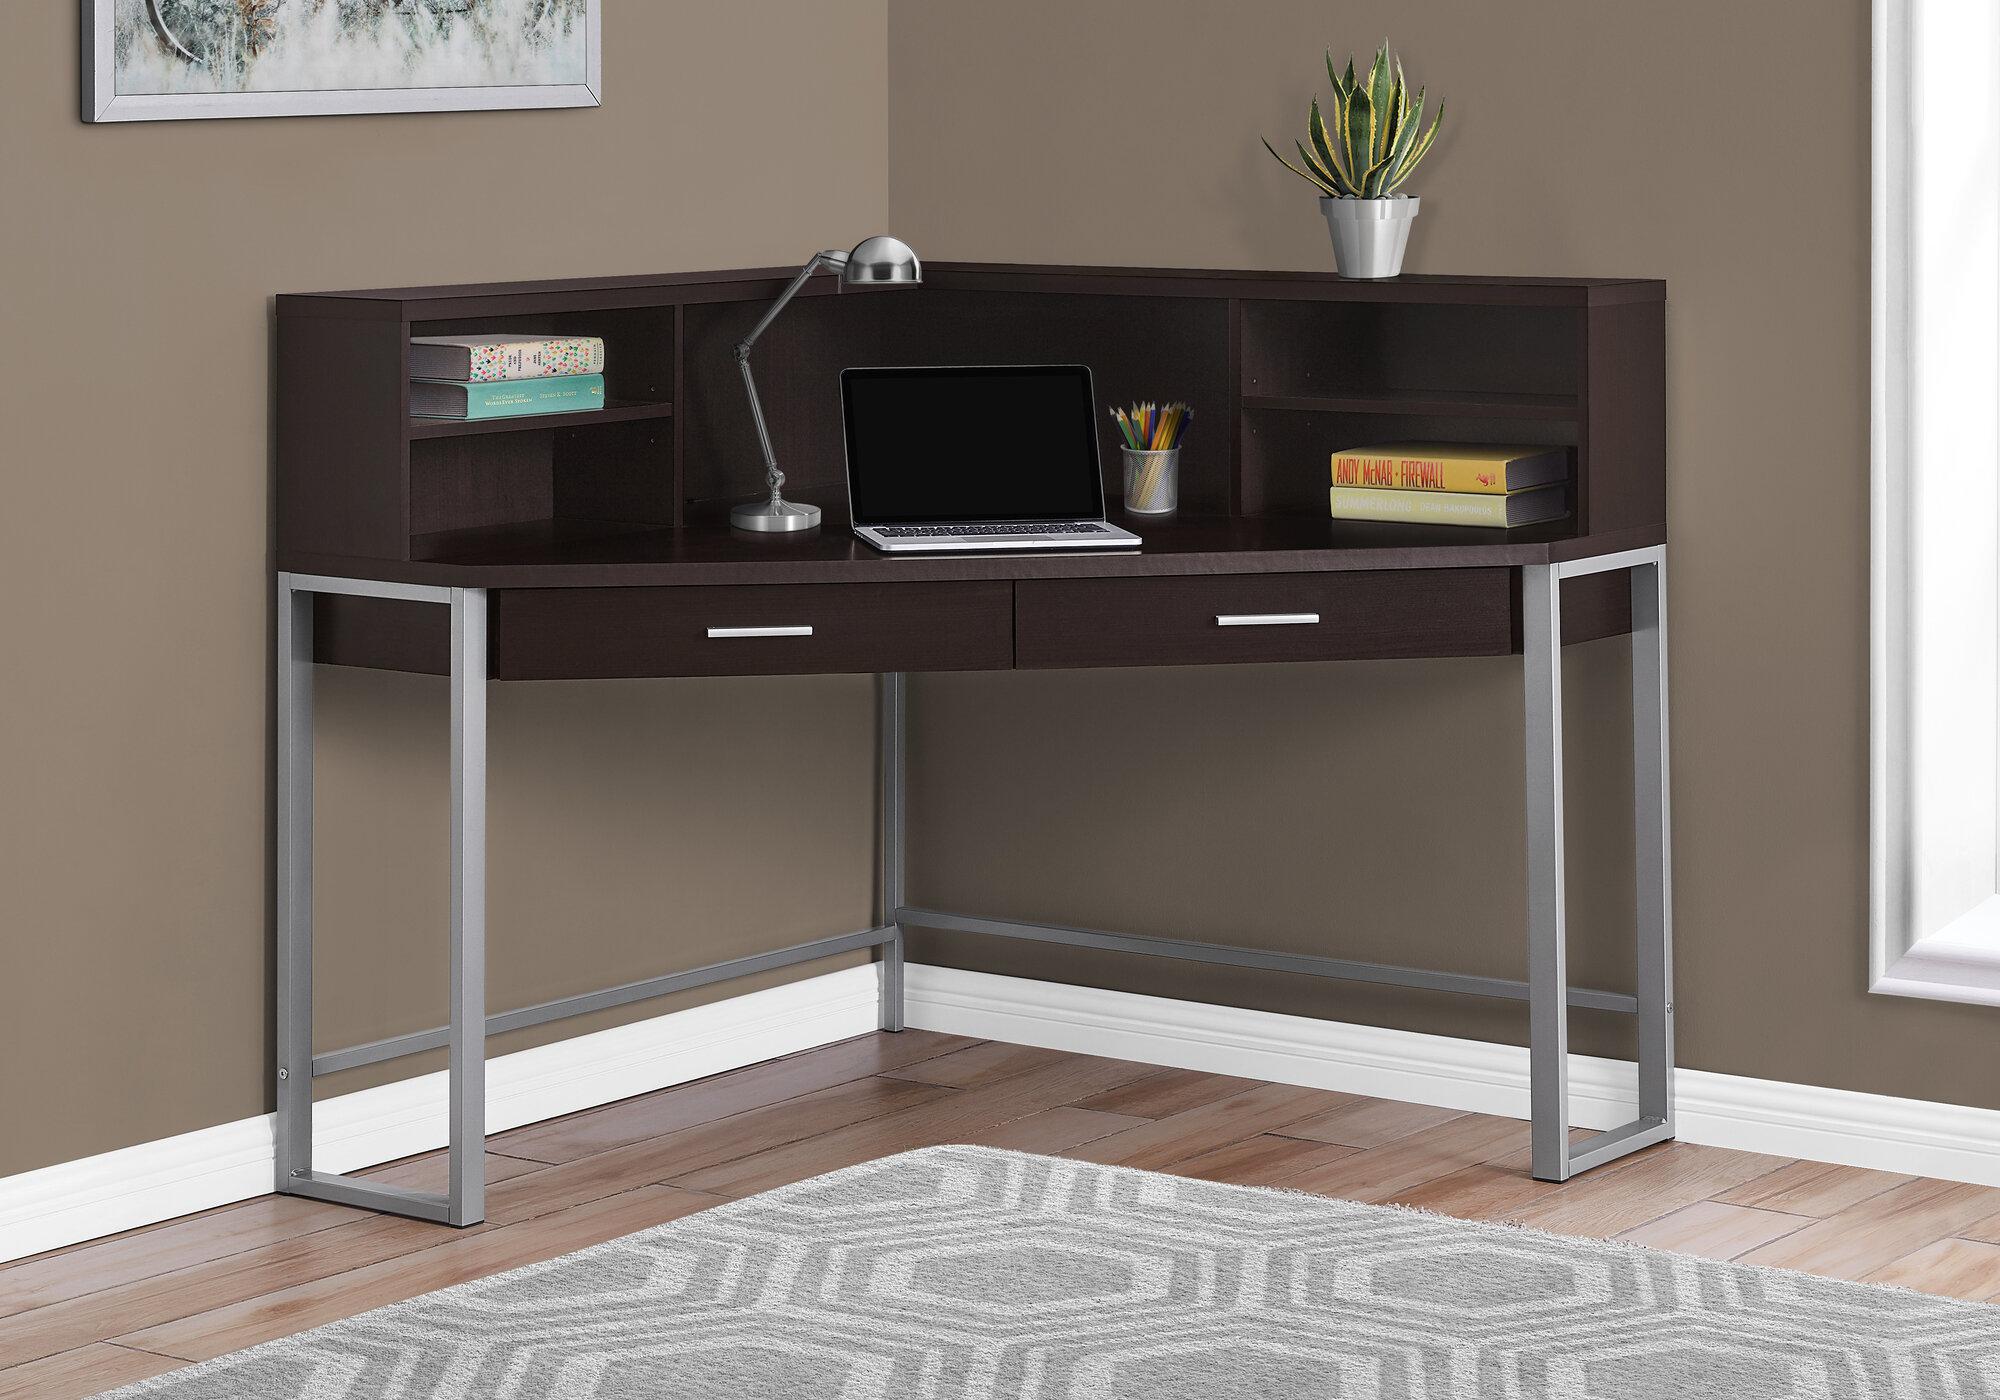 cornor desk